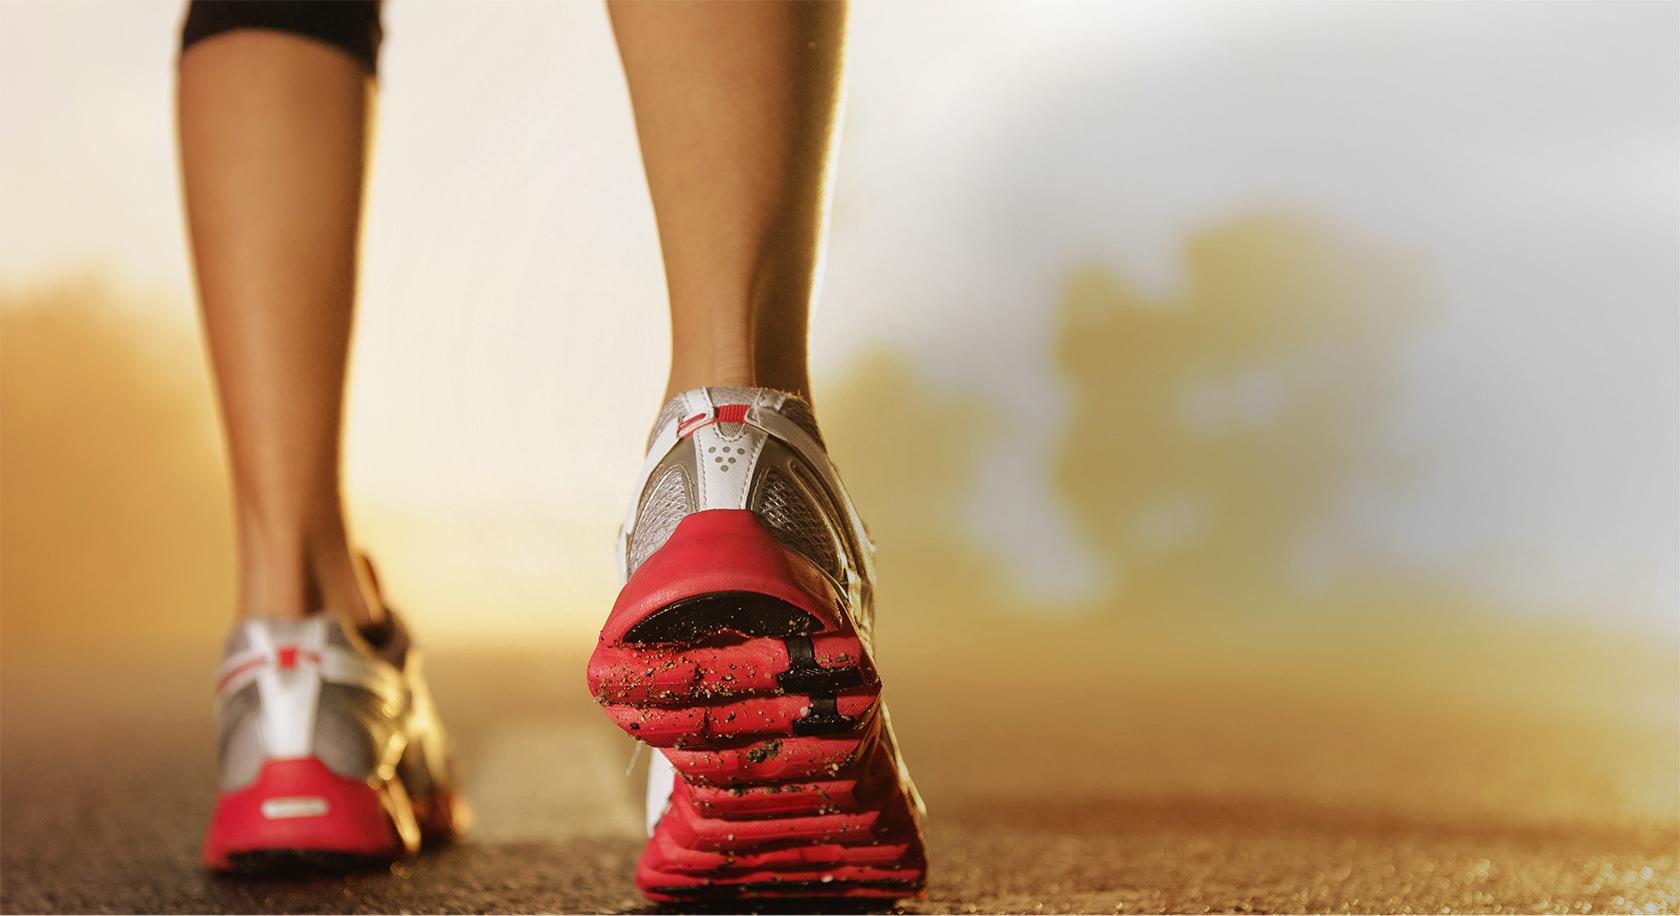 Jom 'Fit' Dengan Berjalan Laju